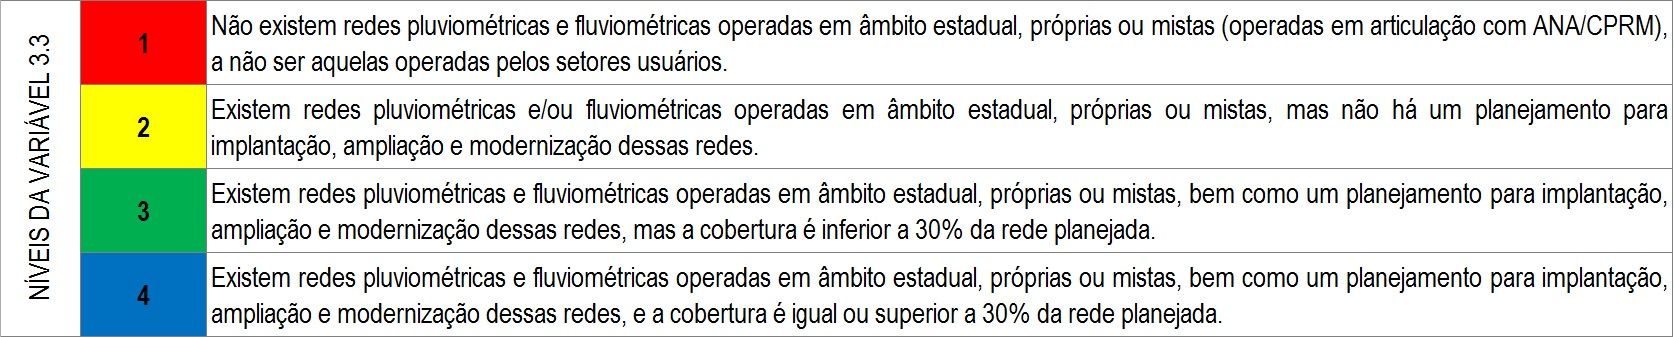 Níveis variável 3.3